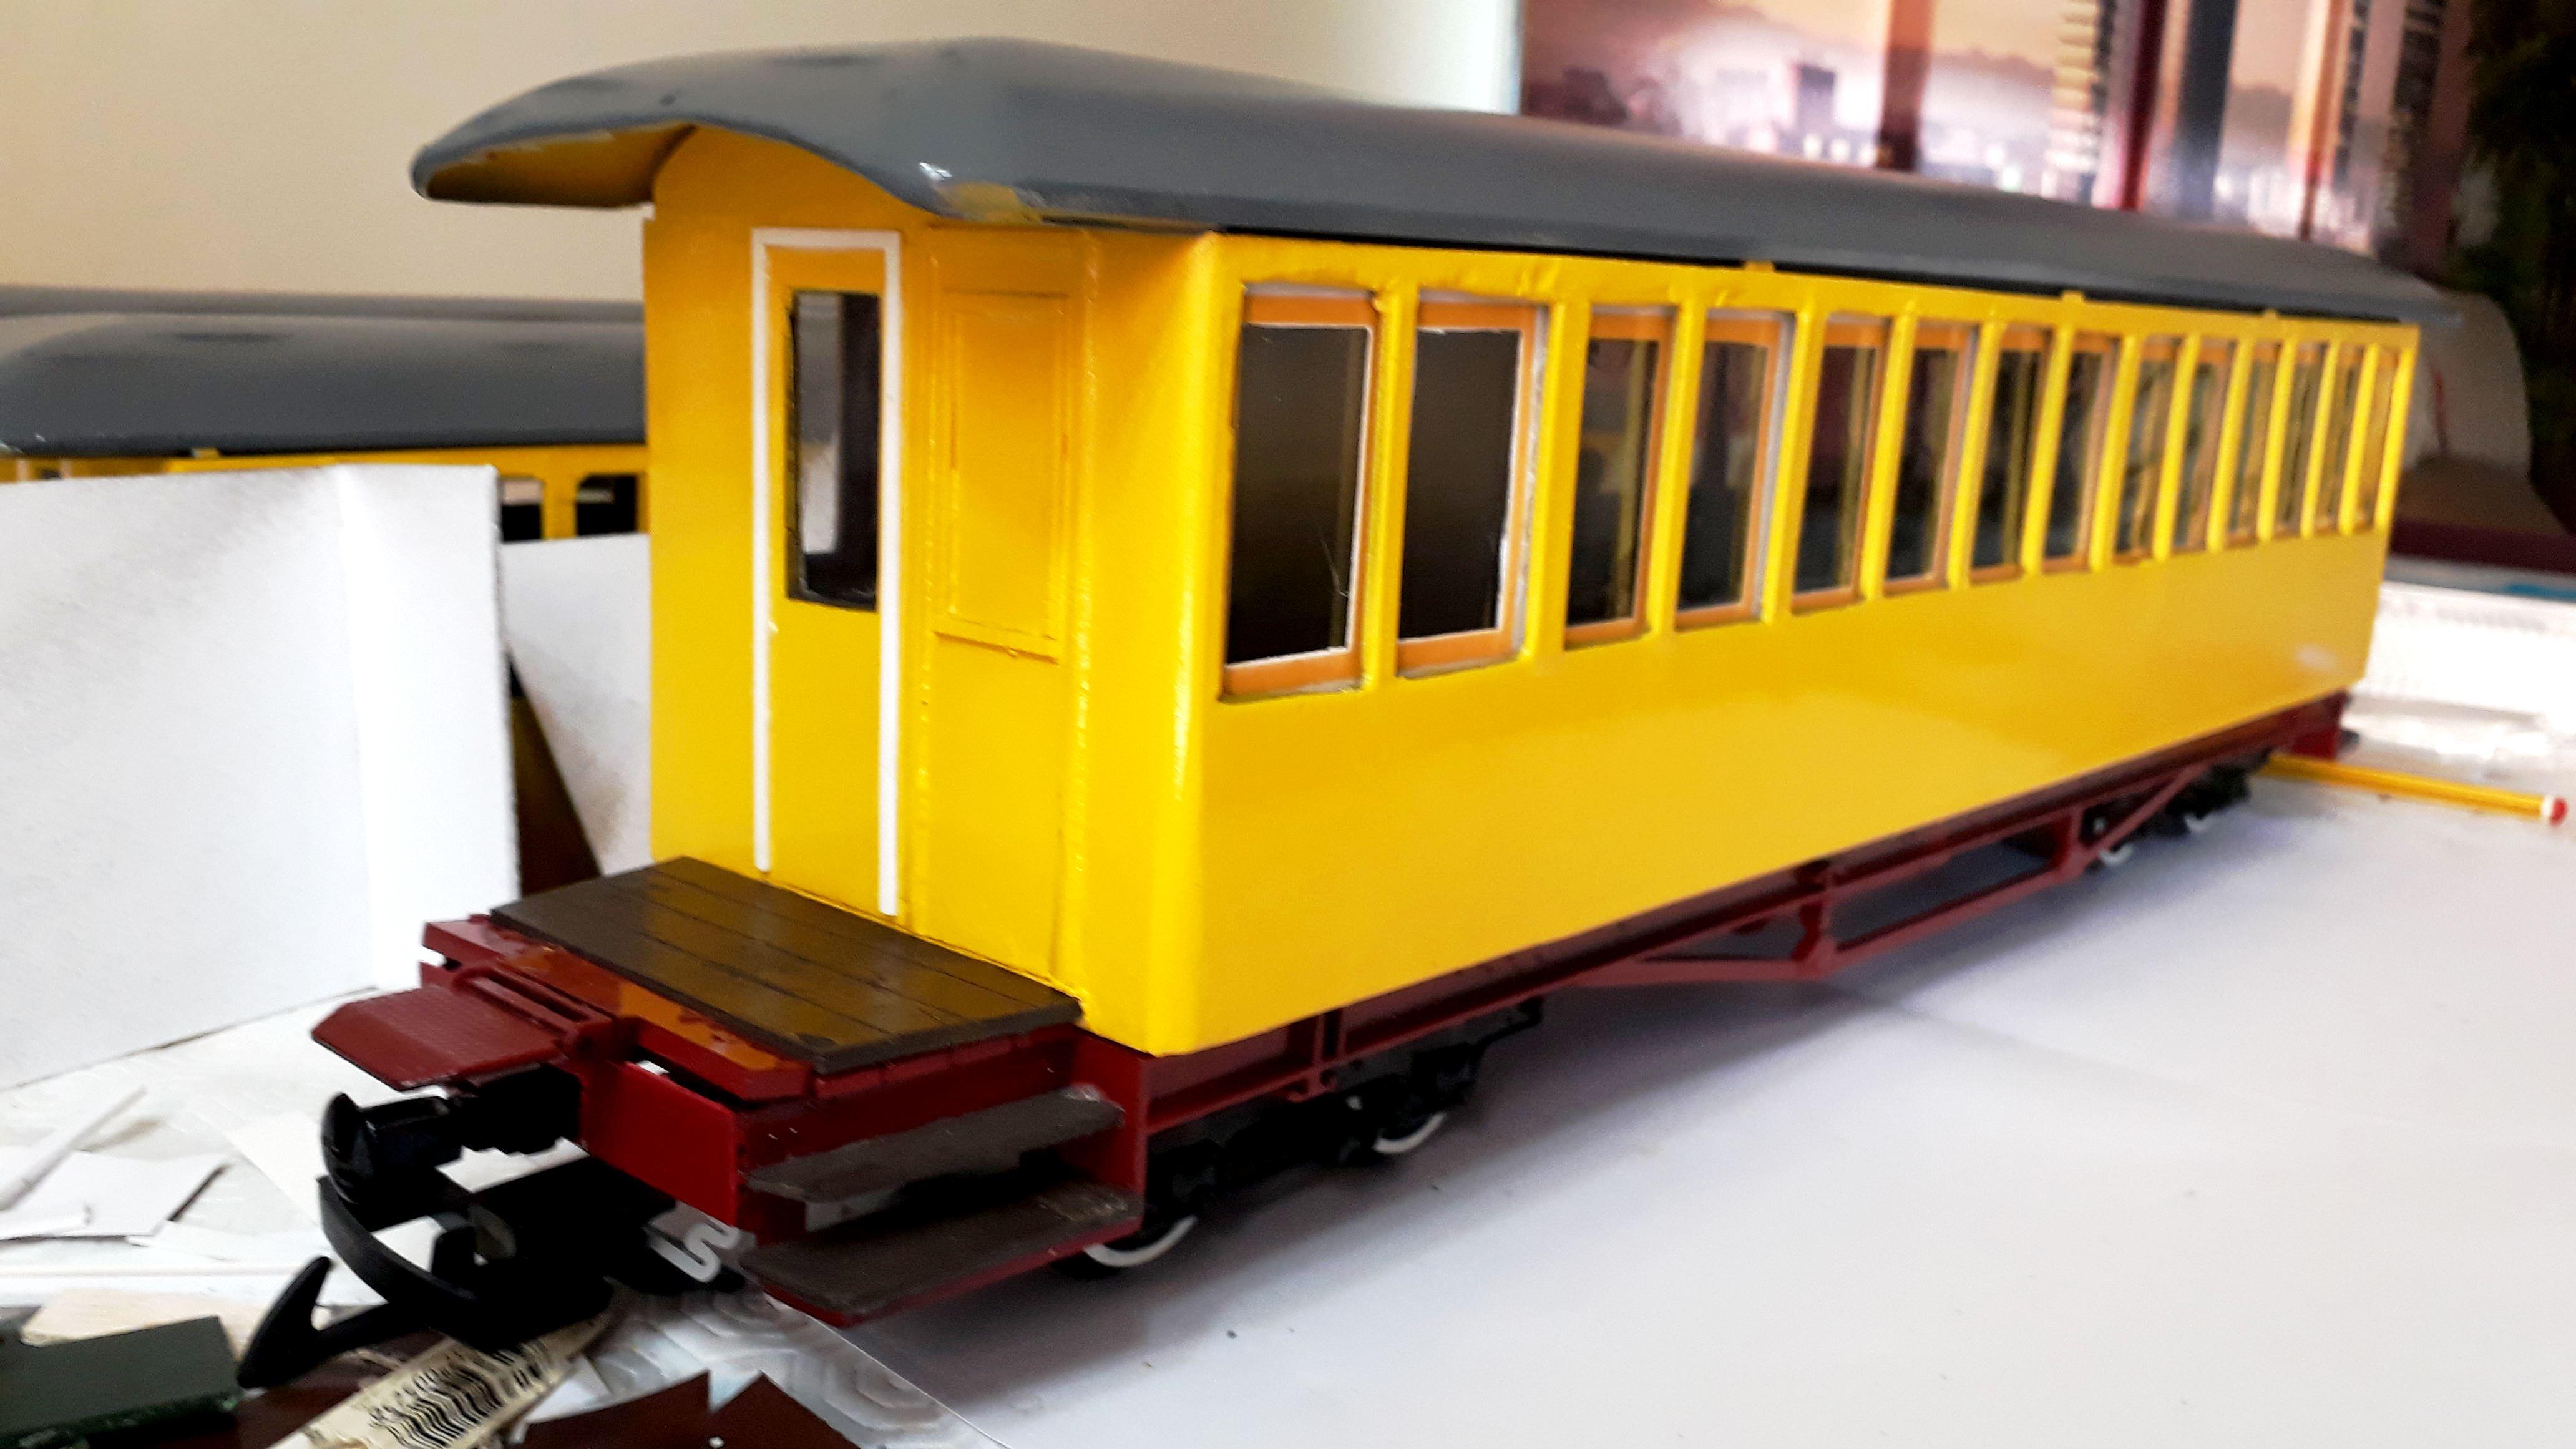 Construcció dels cotxes de viatgers Carcaixent-Dénia (Limón Exprès) a partir de vagons LGB - Página 4 Img-2027